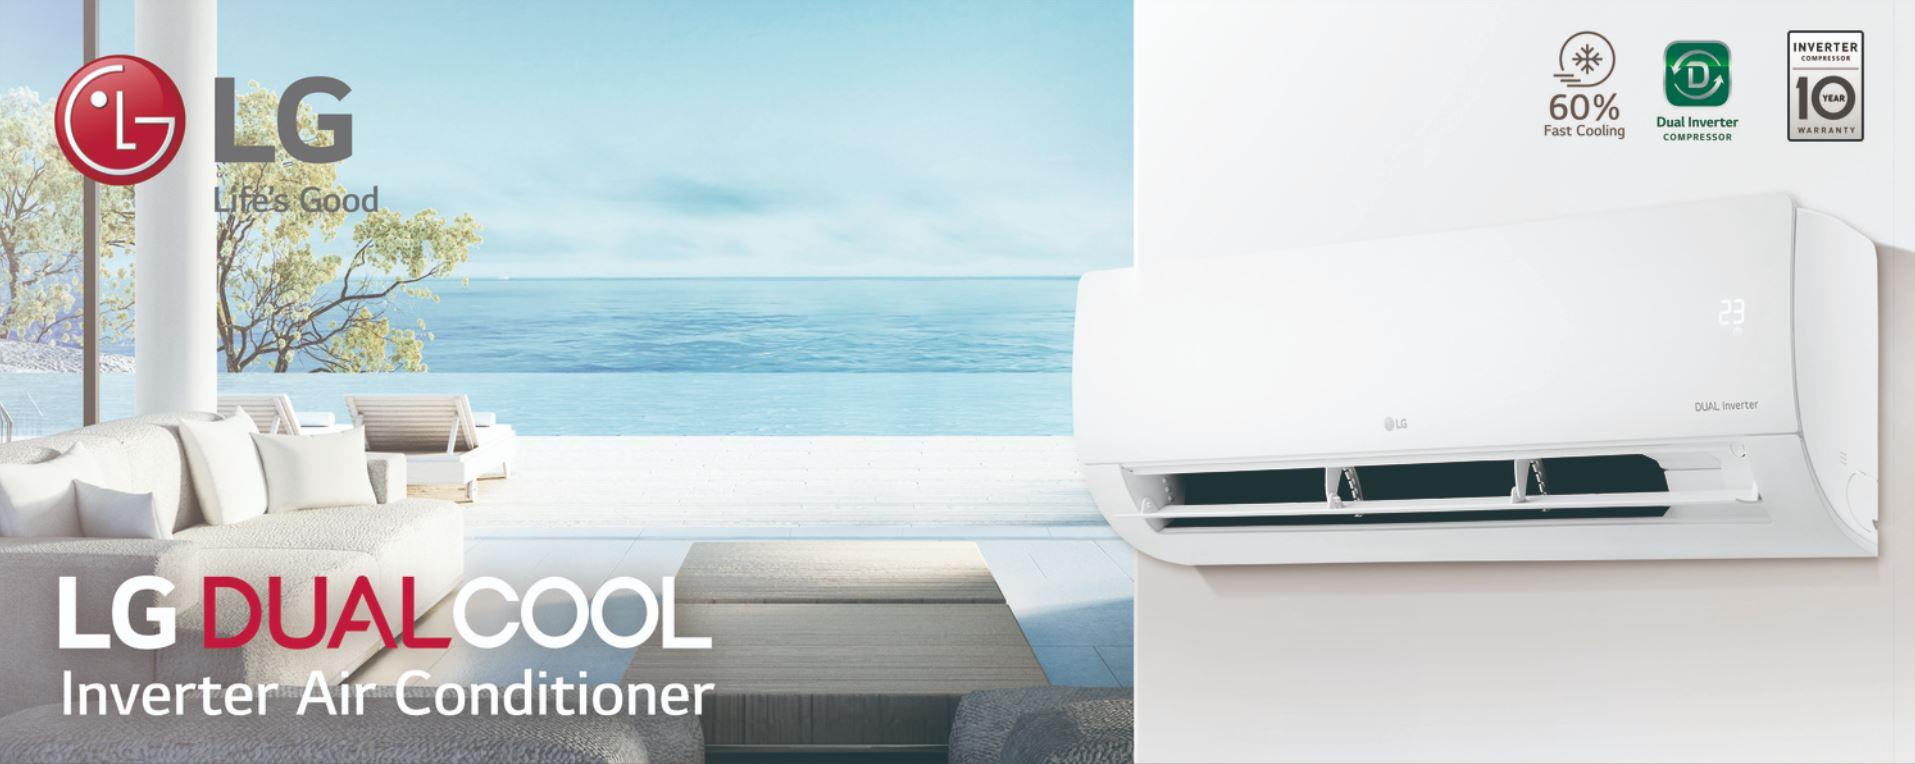 إل جي تمنح الأولوية للراحة المنزلية مع المكيفات الجديدة التي أطلقتها في السوق الخليجية